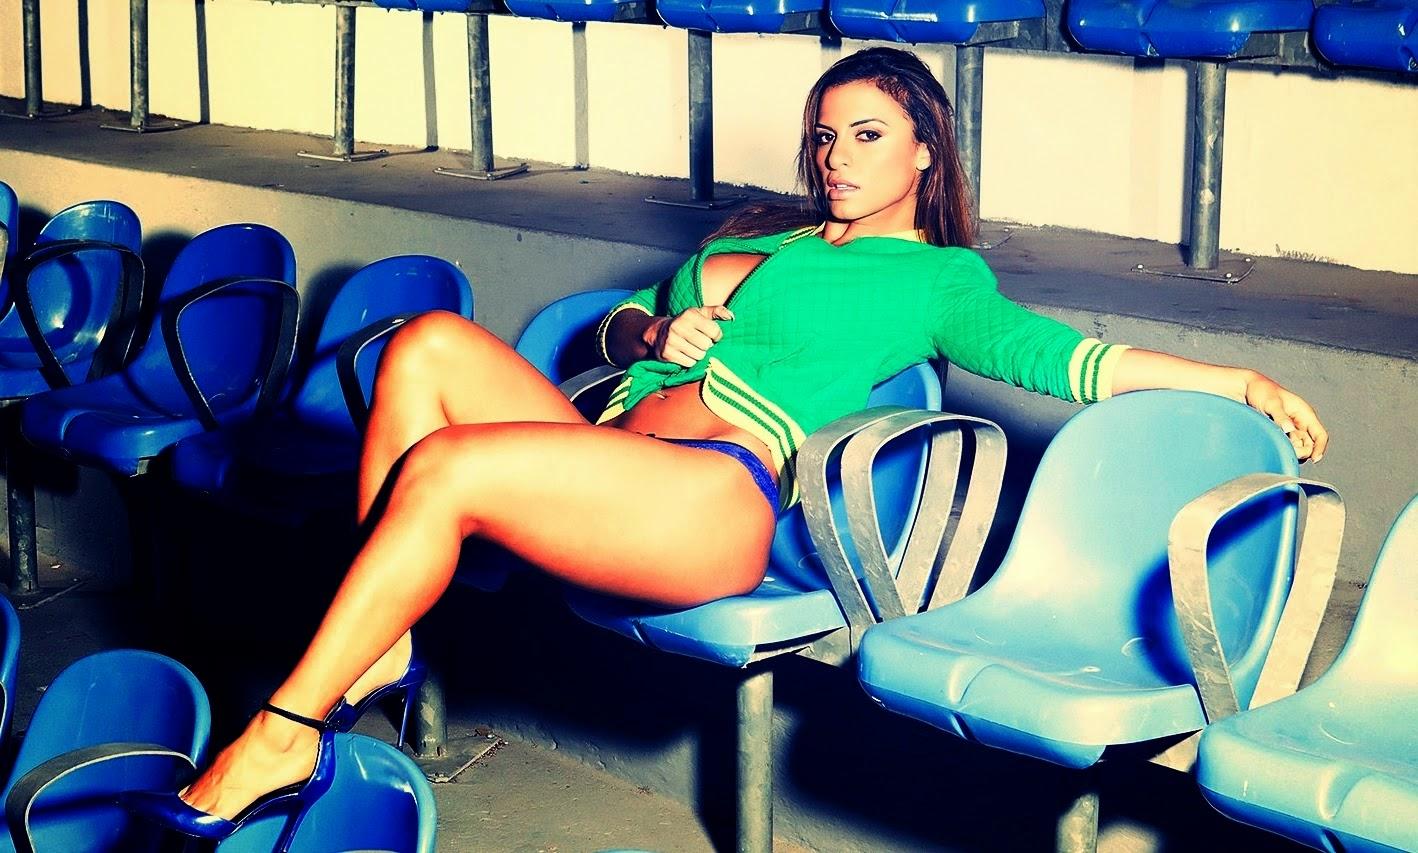 Carol Abranches em ensaio fotográfico nas cores da Seleção Brasileira de Futebol